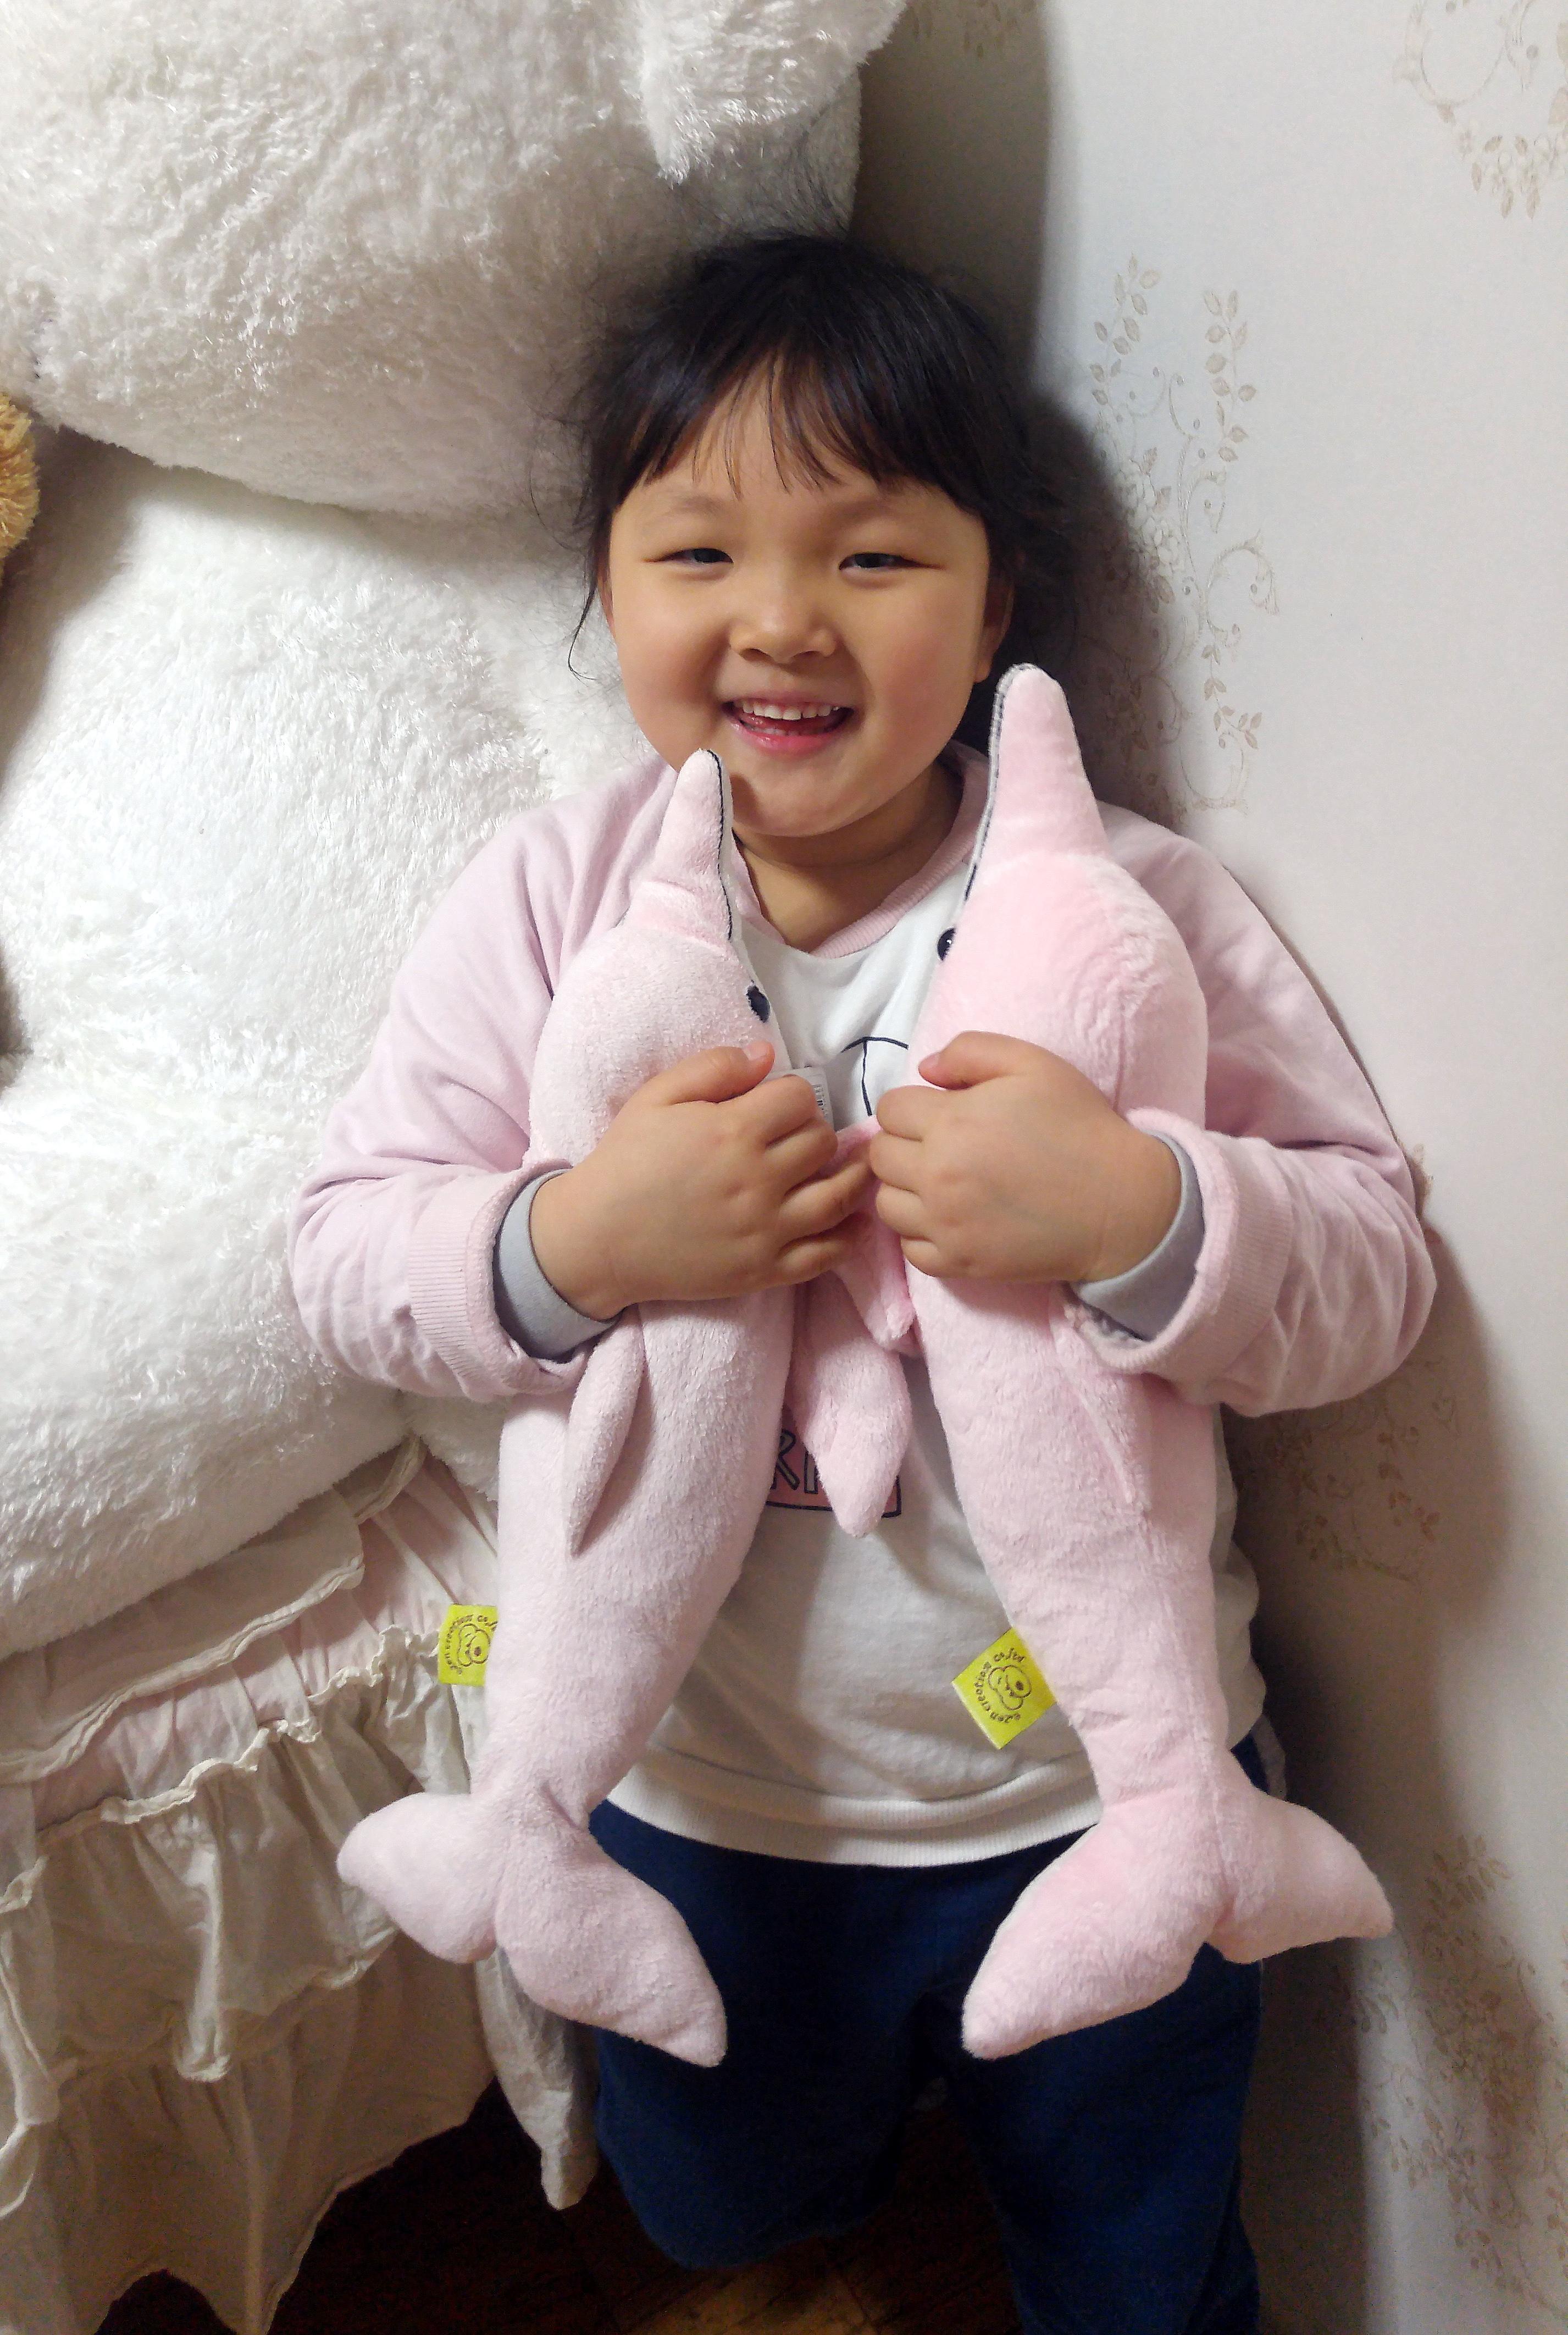 두개의 돌고래 인형이 생겼다며 너무 행복해 하는 7살 딸아이.